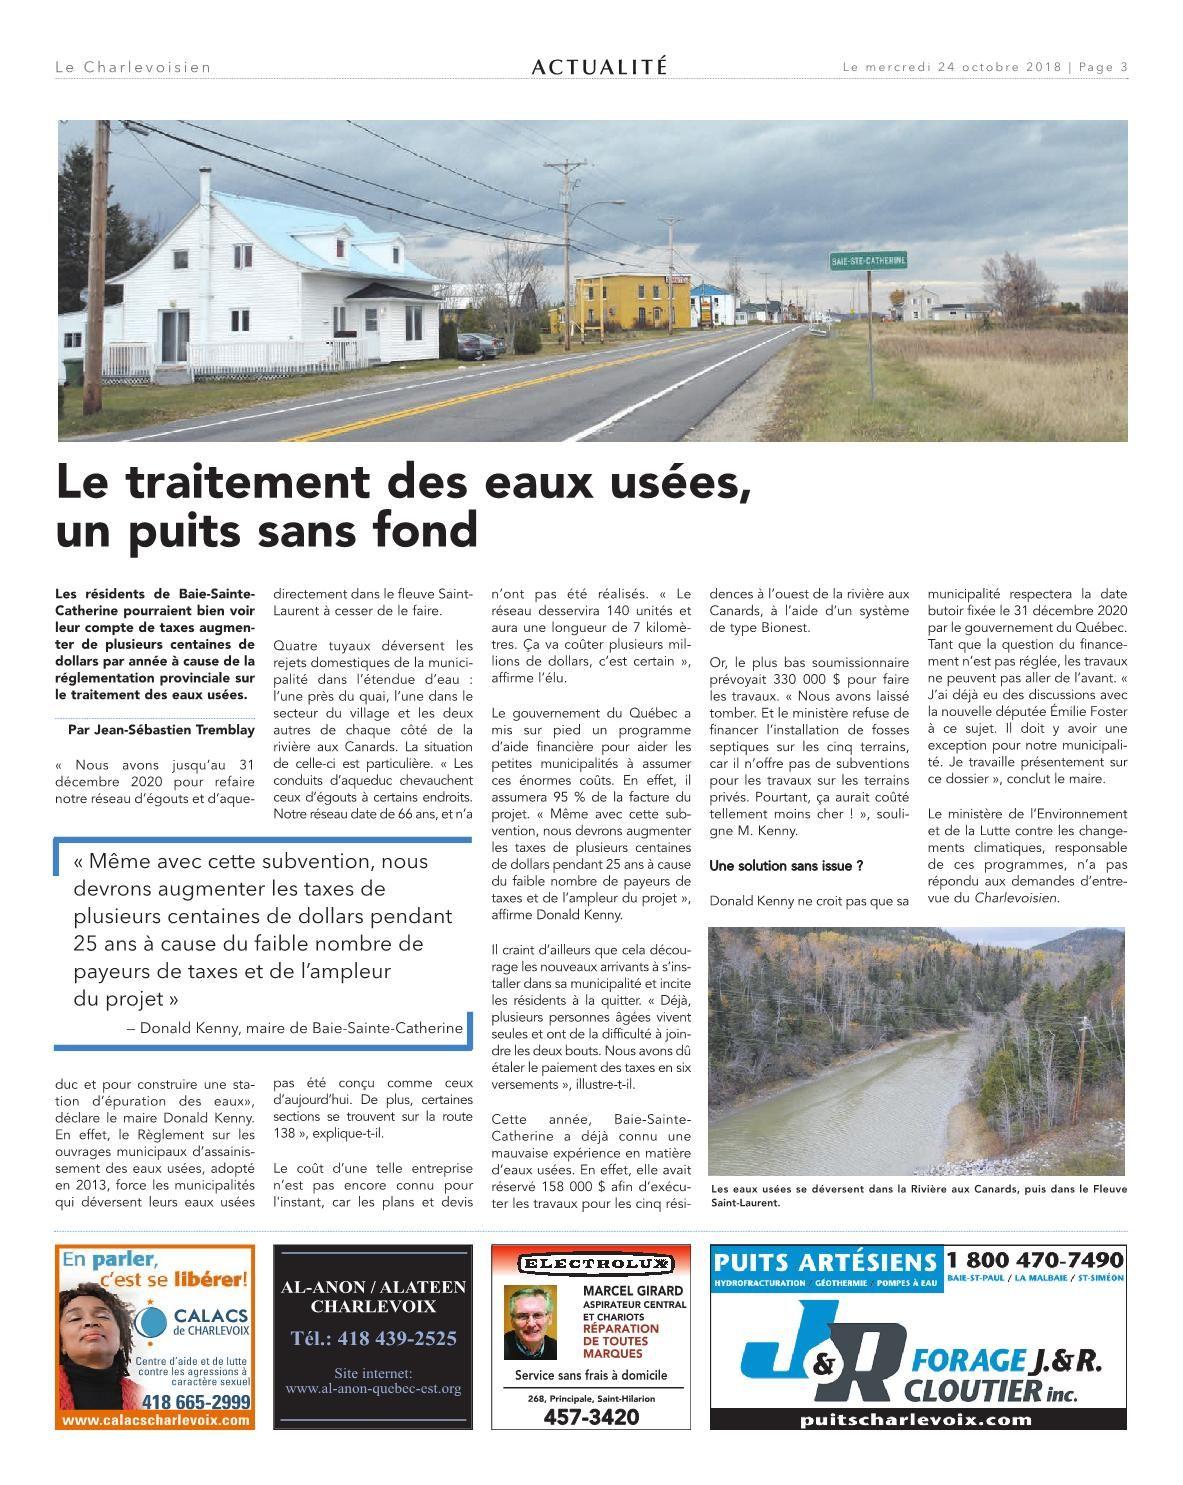 Mouvement Citoyen Alexandre Jardin Charmant Le Charlevoisien 24 Octobre 2018 Pages 1 40 Text Version Of 33 Unique Mouvement Citoyen Alexandre Jardin